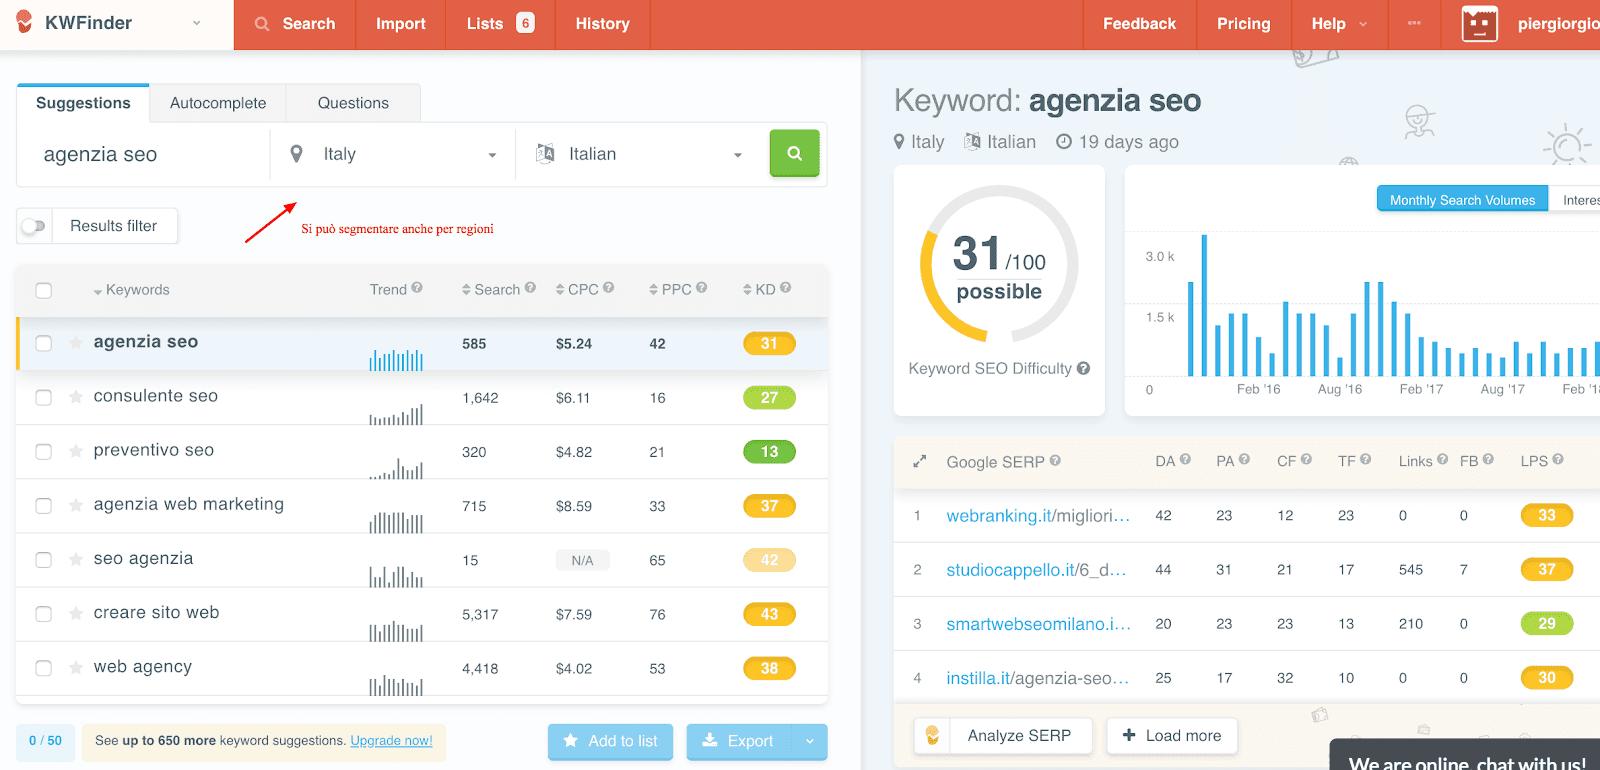 kwfinder strumento SEO di ricerca parole chiave gratuita